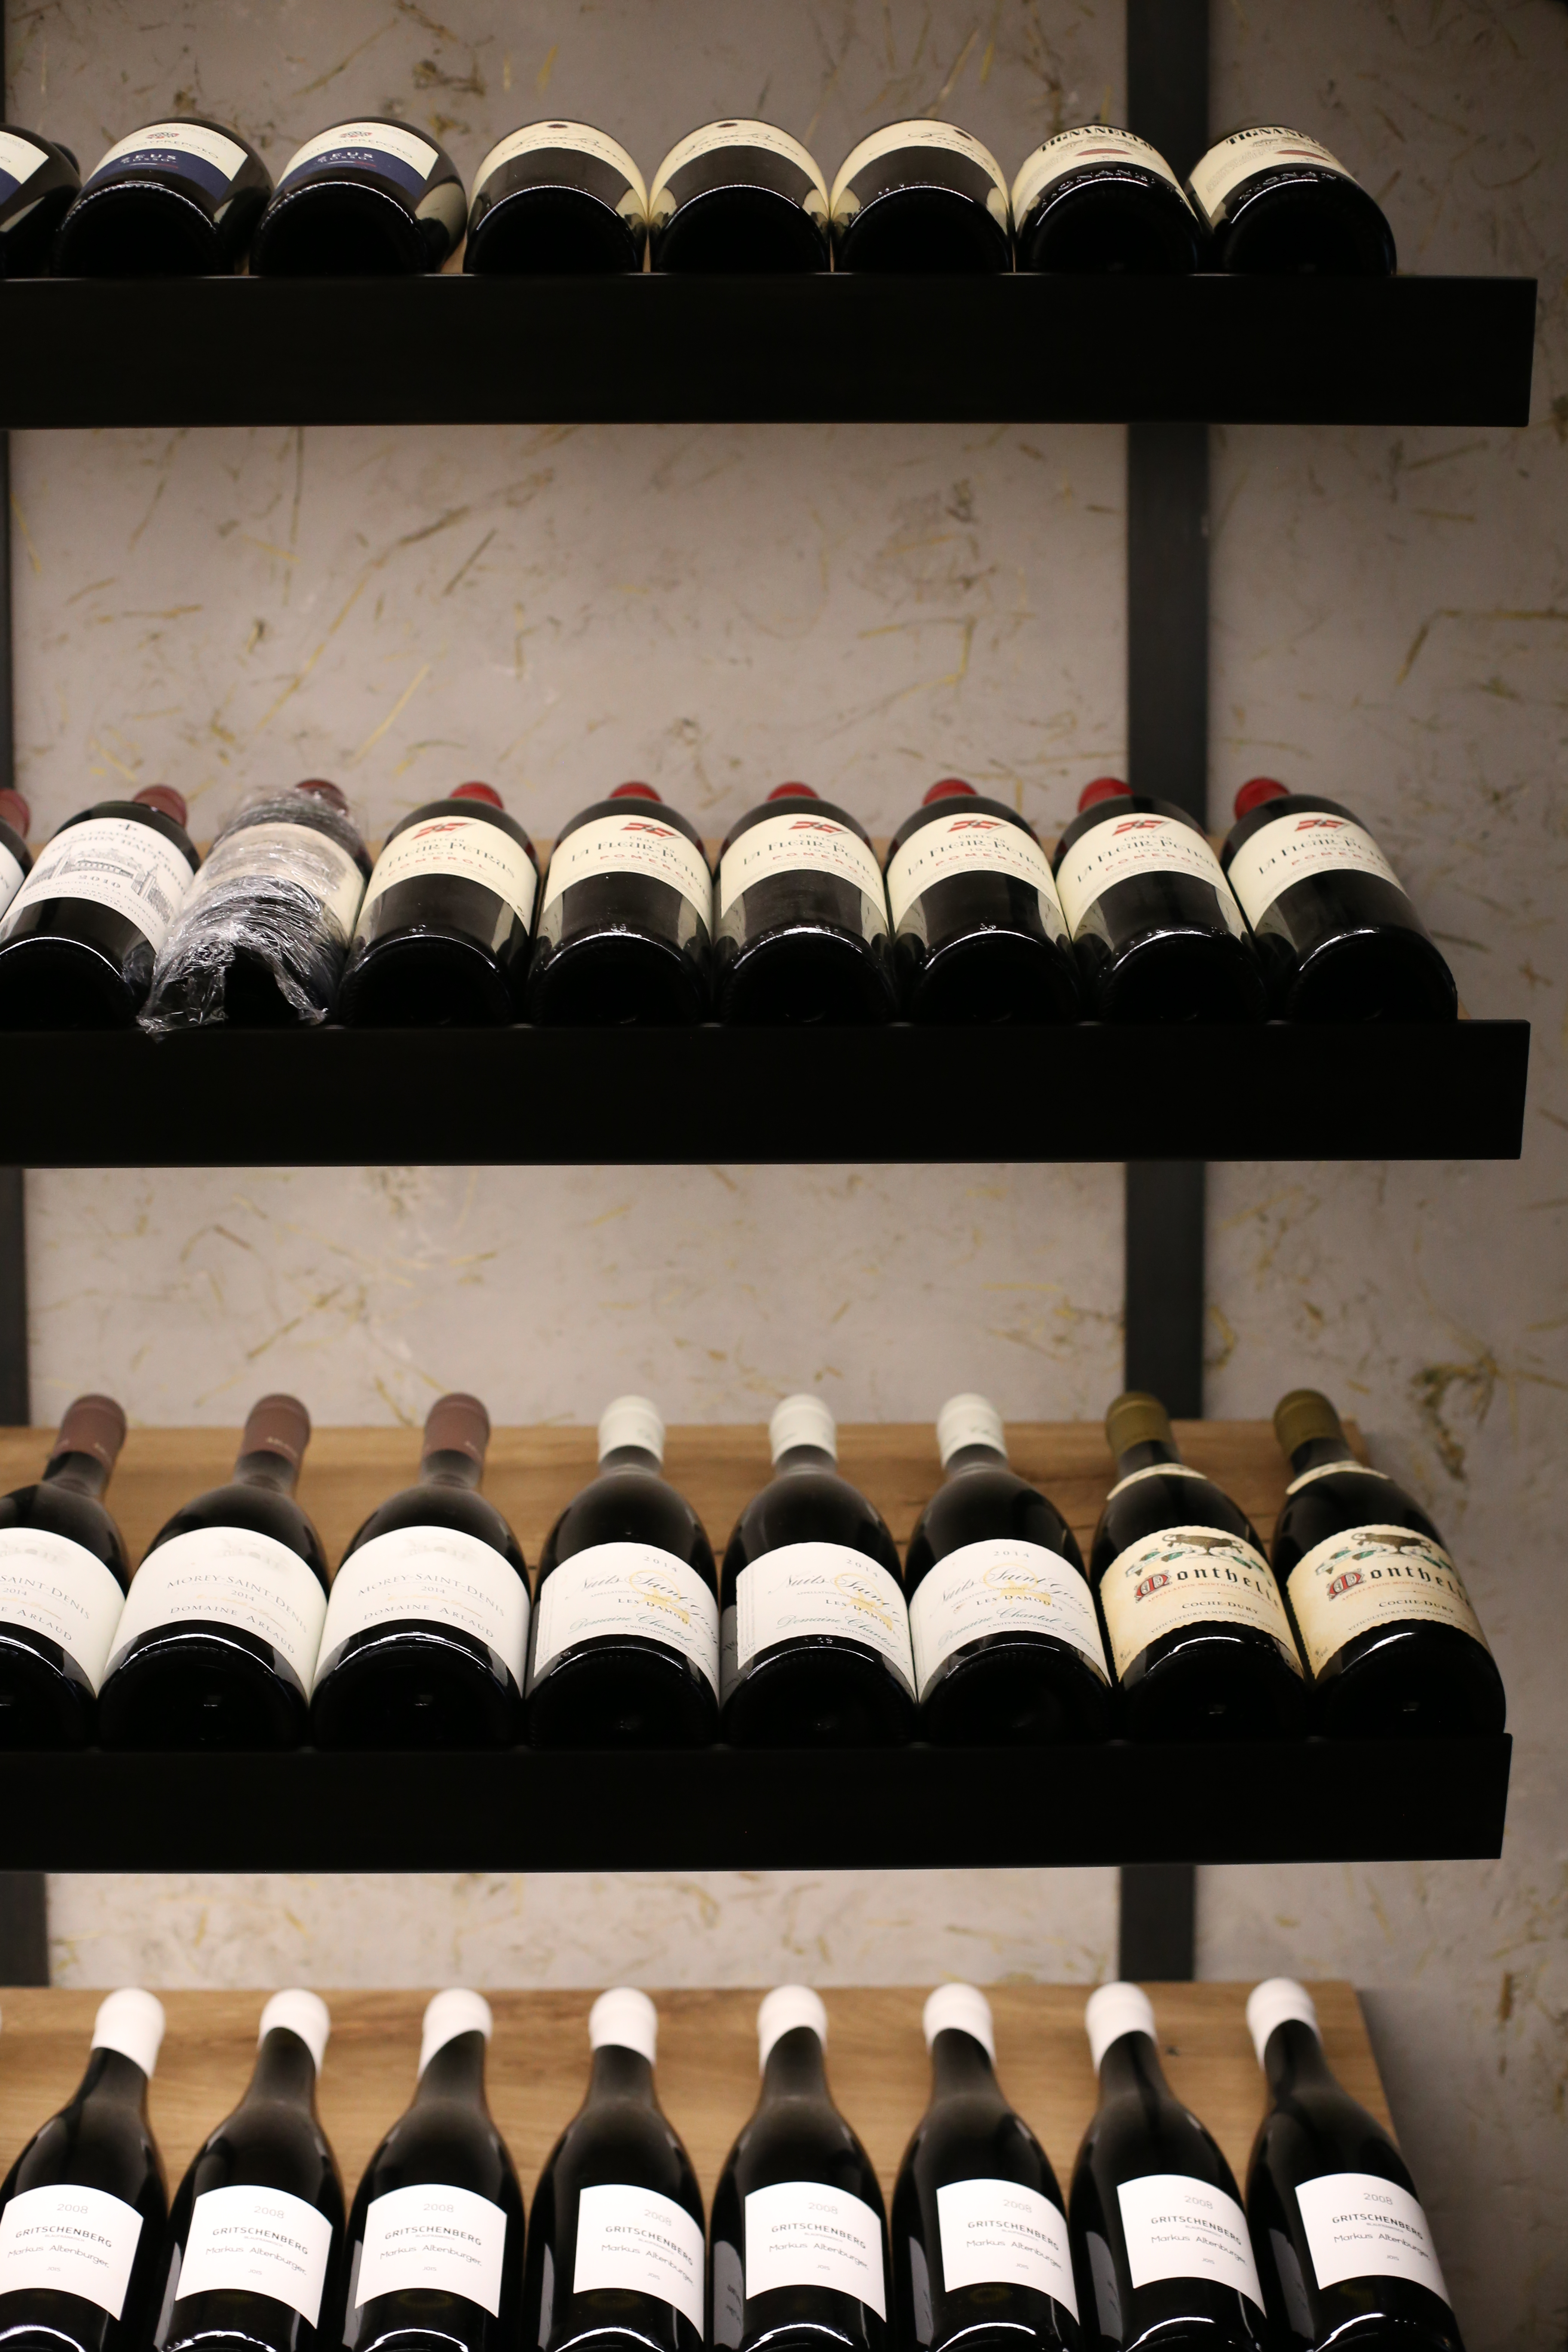 Weinraum 2